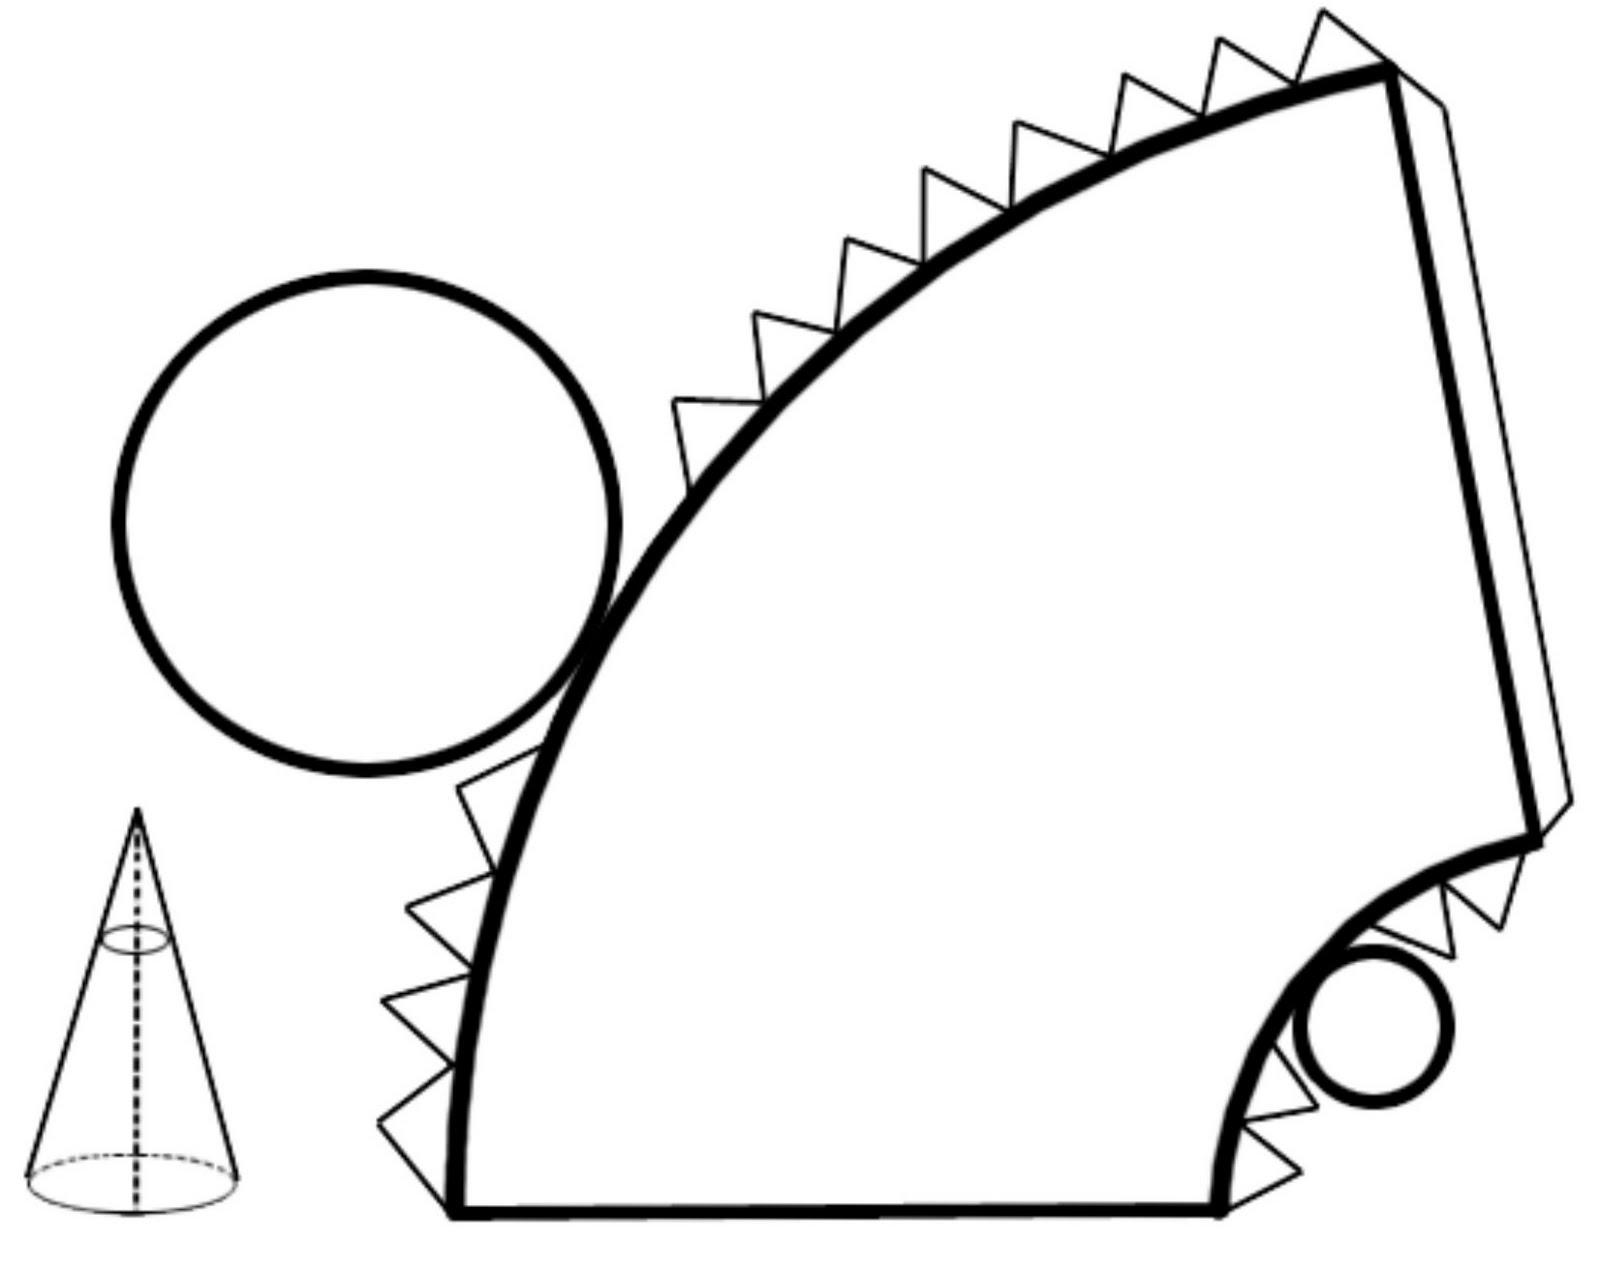 Construcci n de cuerpos redondos for Como puedo hacer un cono